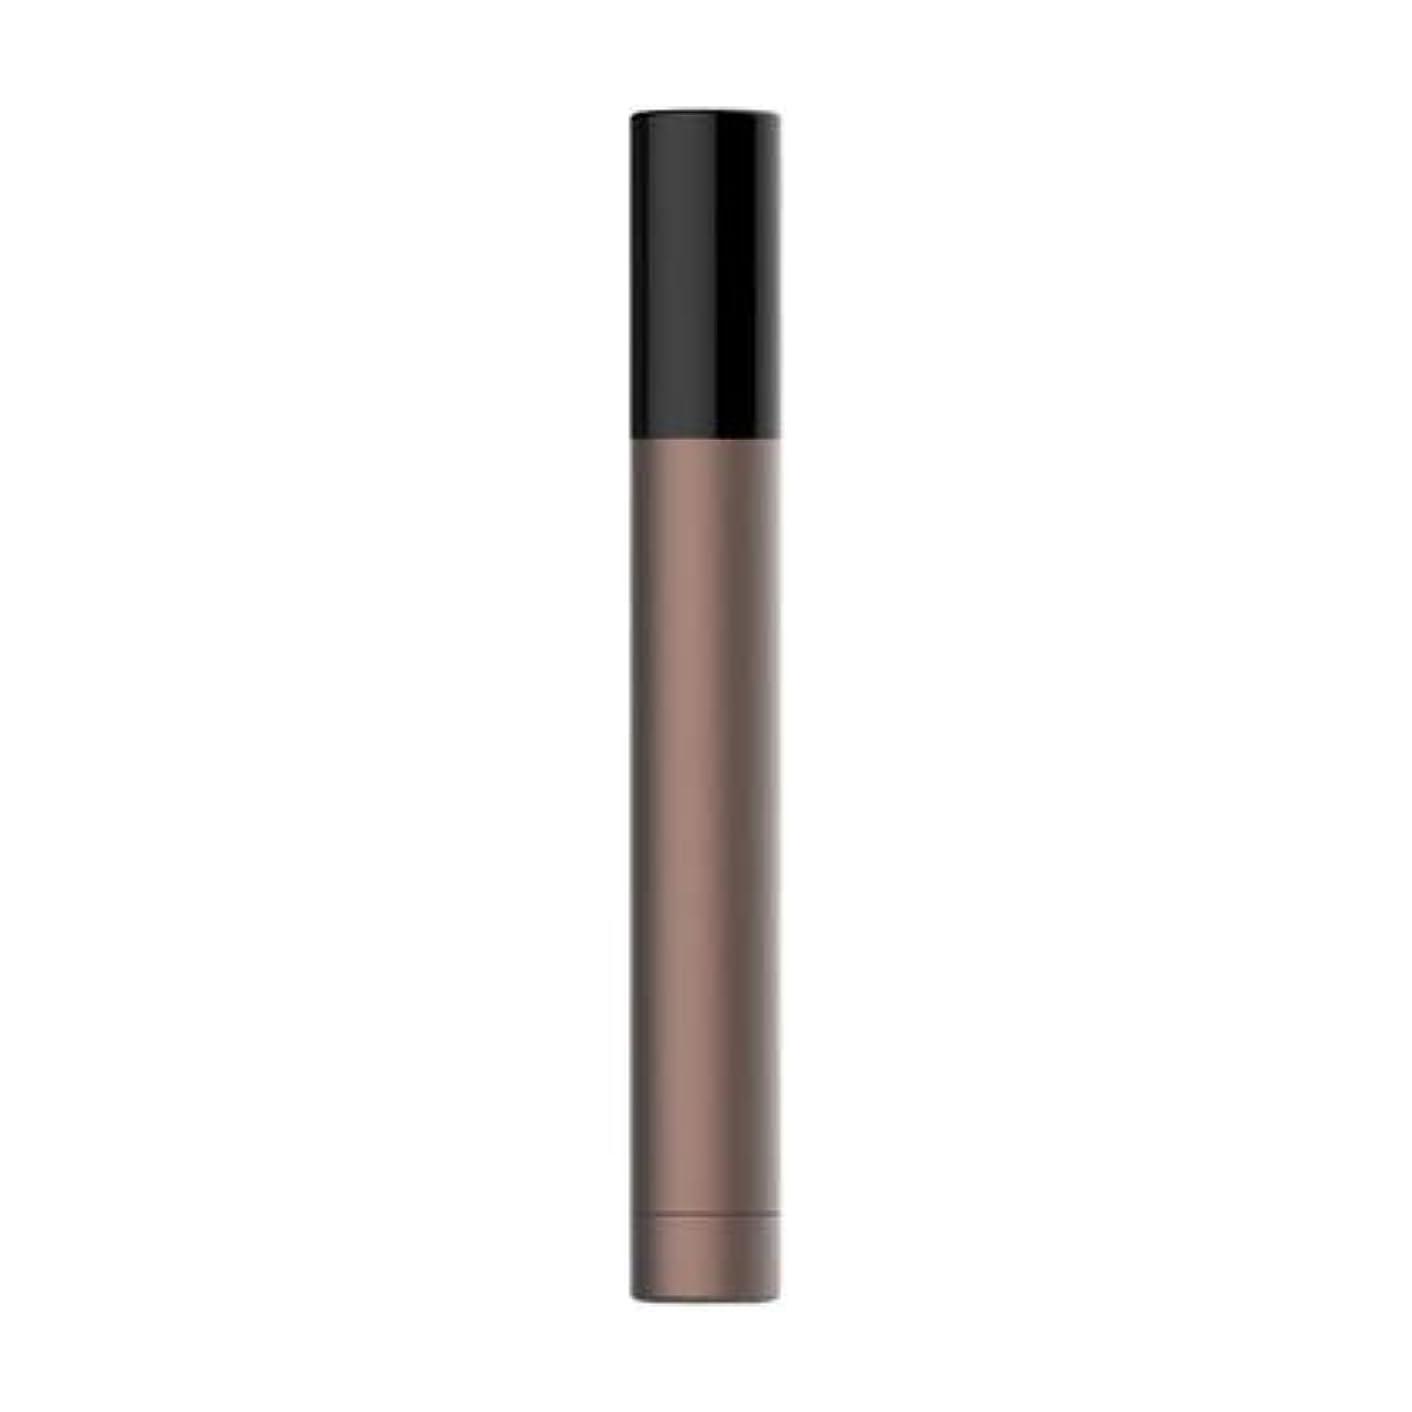 有名な旋回建築鼻毛トリマーシール防水効果電池式シングルカッターヘッドシャープで耐久性のあるカット短いカットなし隠しスイッチ合金ボディ陽極酸化作成